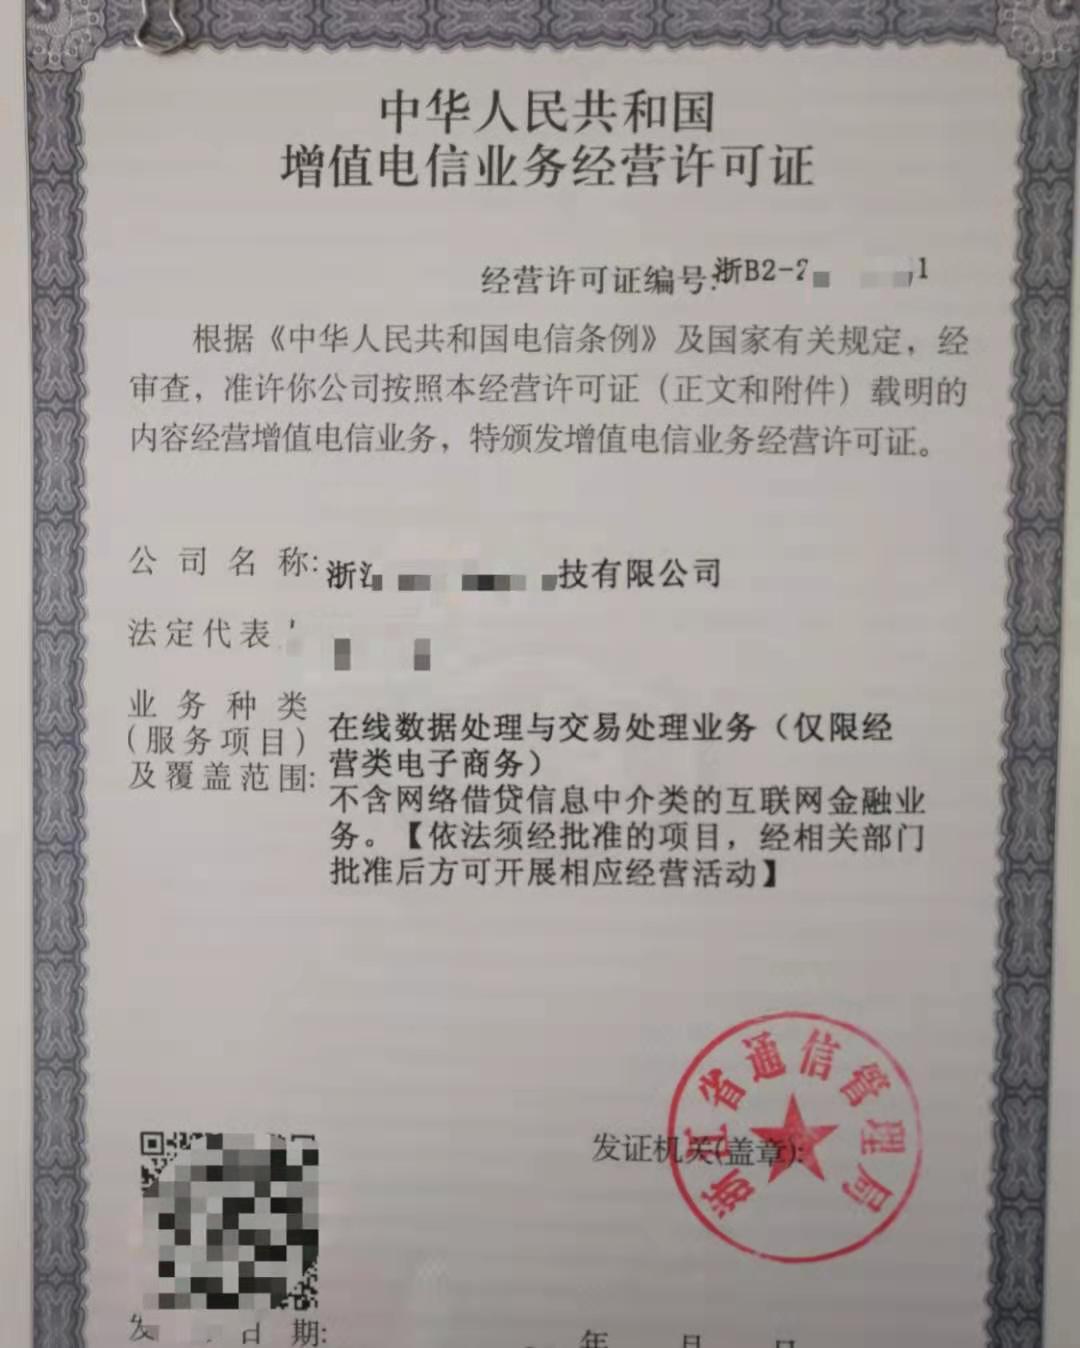 第二类增值电信业务许可证(EDI)在线数据处理与交易处理